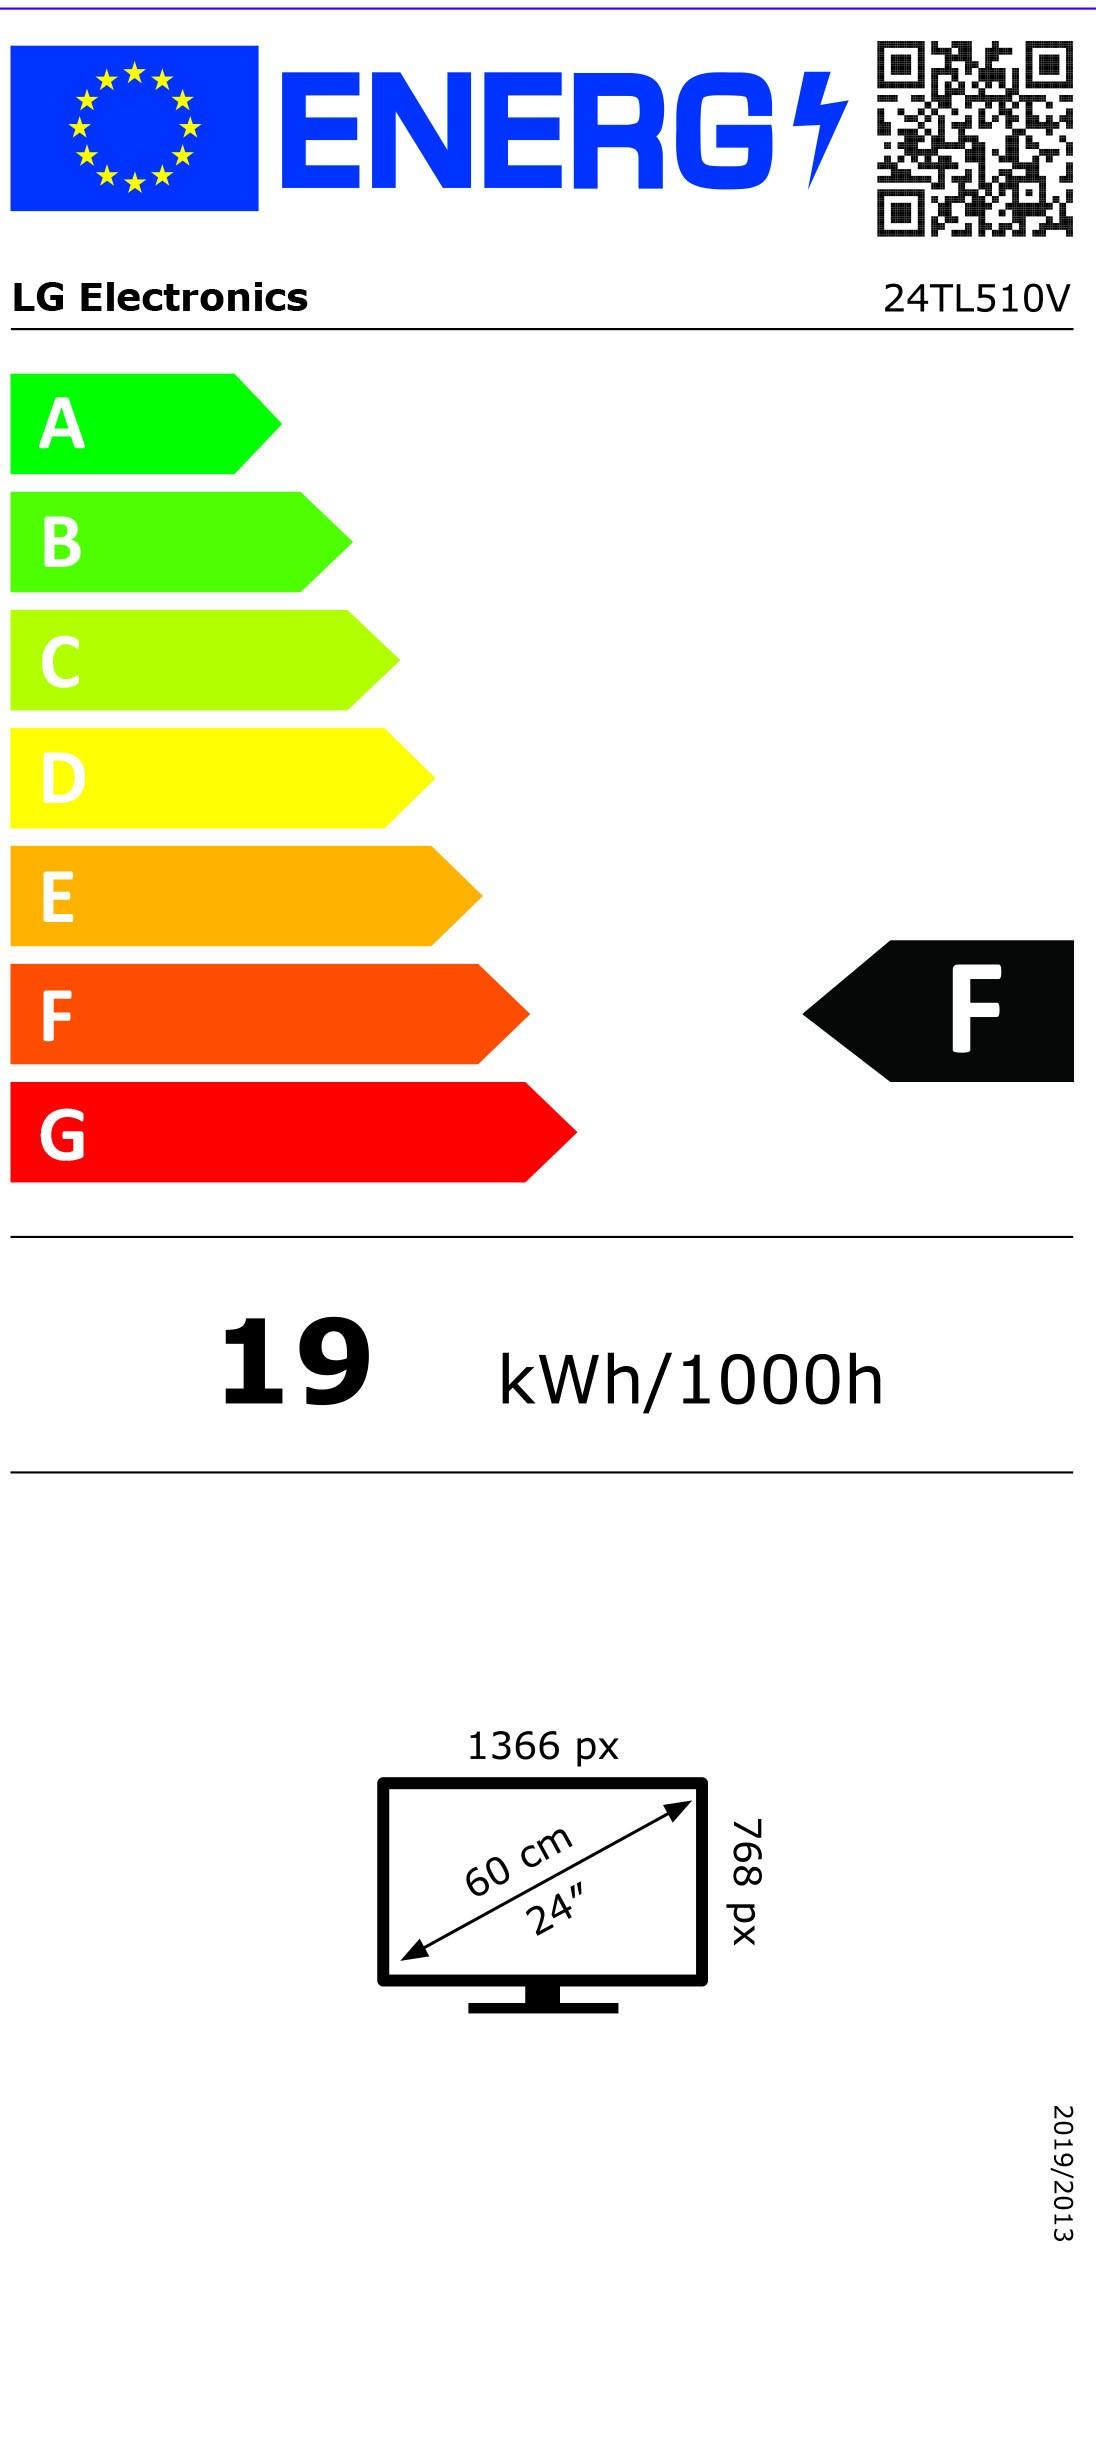 Etiqueta de Eficiencia Energética - 24TL510VWZ